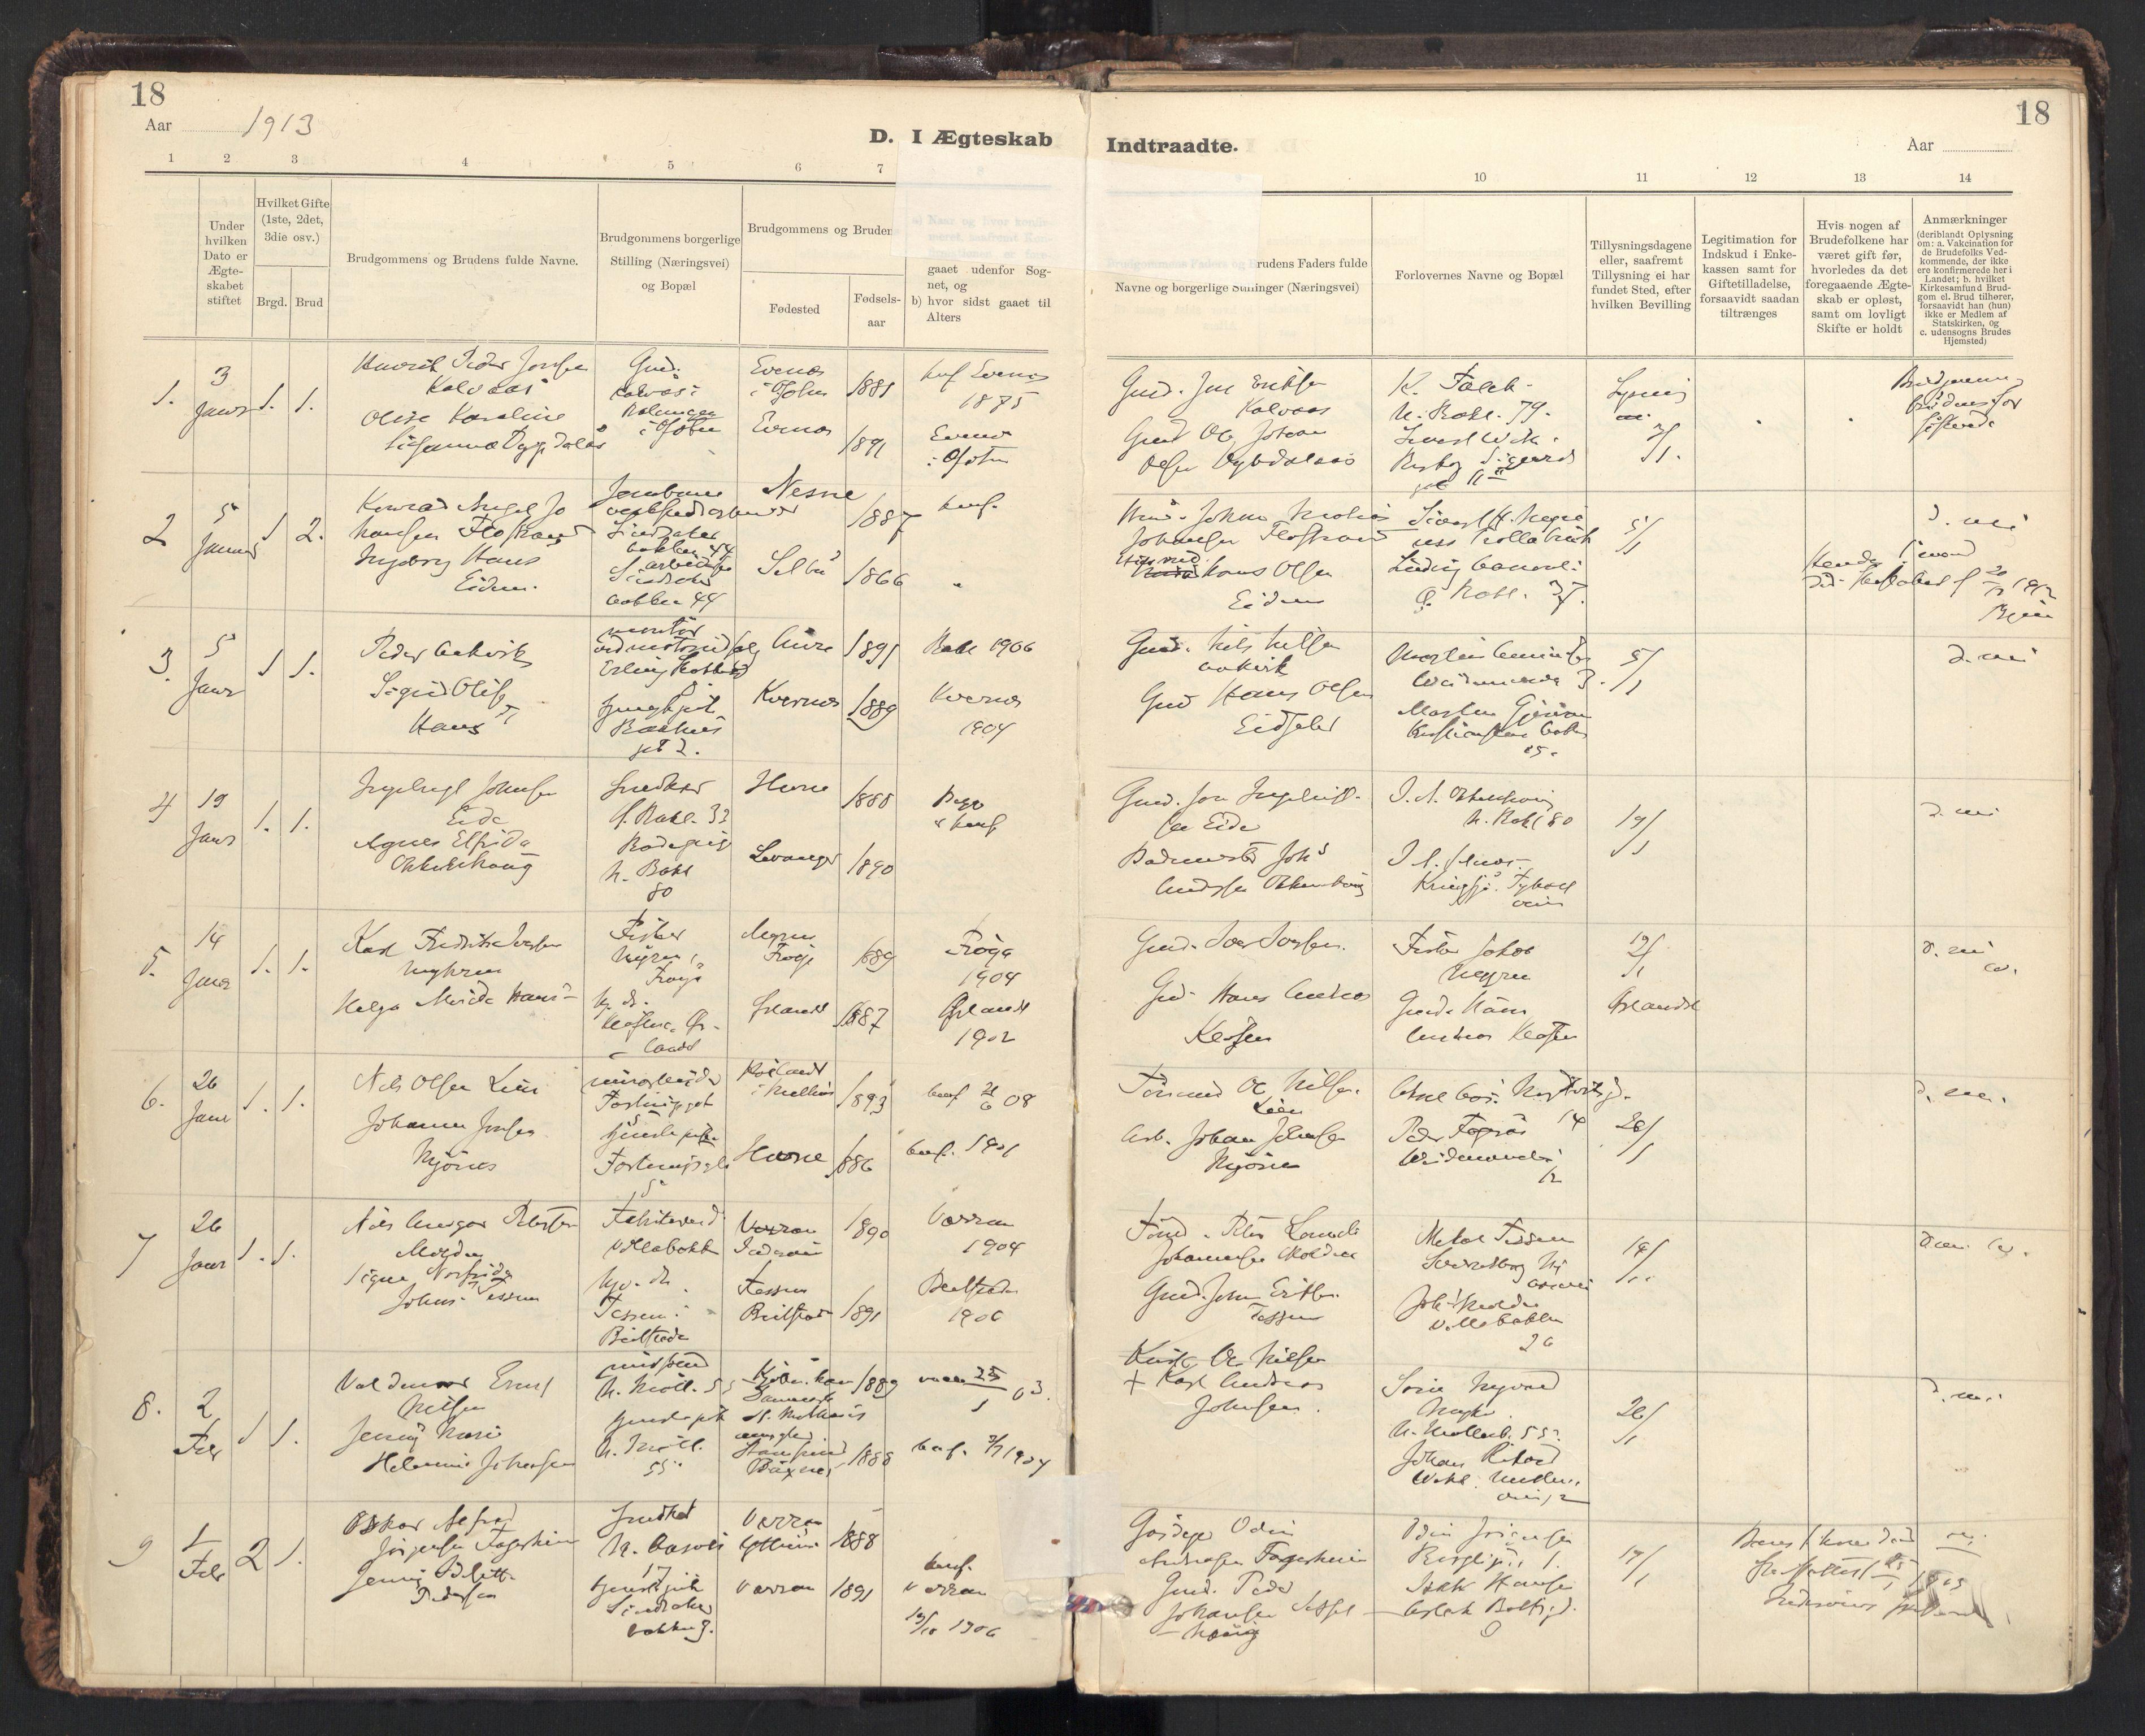 SAT, Ministerialprotokoller, klokkerbøker og fødselsregistre - Sør-Trøndelag, 604/L0204: Ministerialbok nr. 604A24, 1911-1920, s. 18